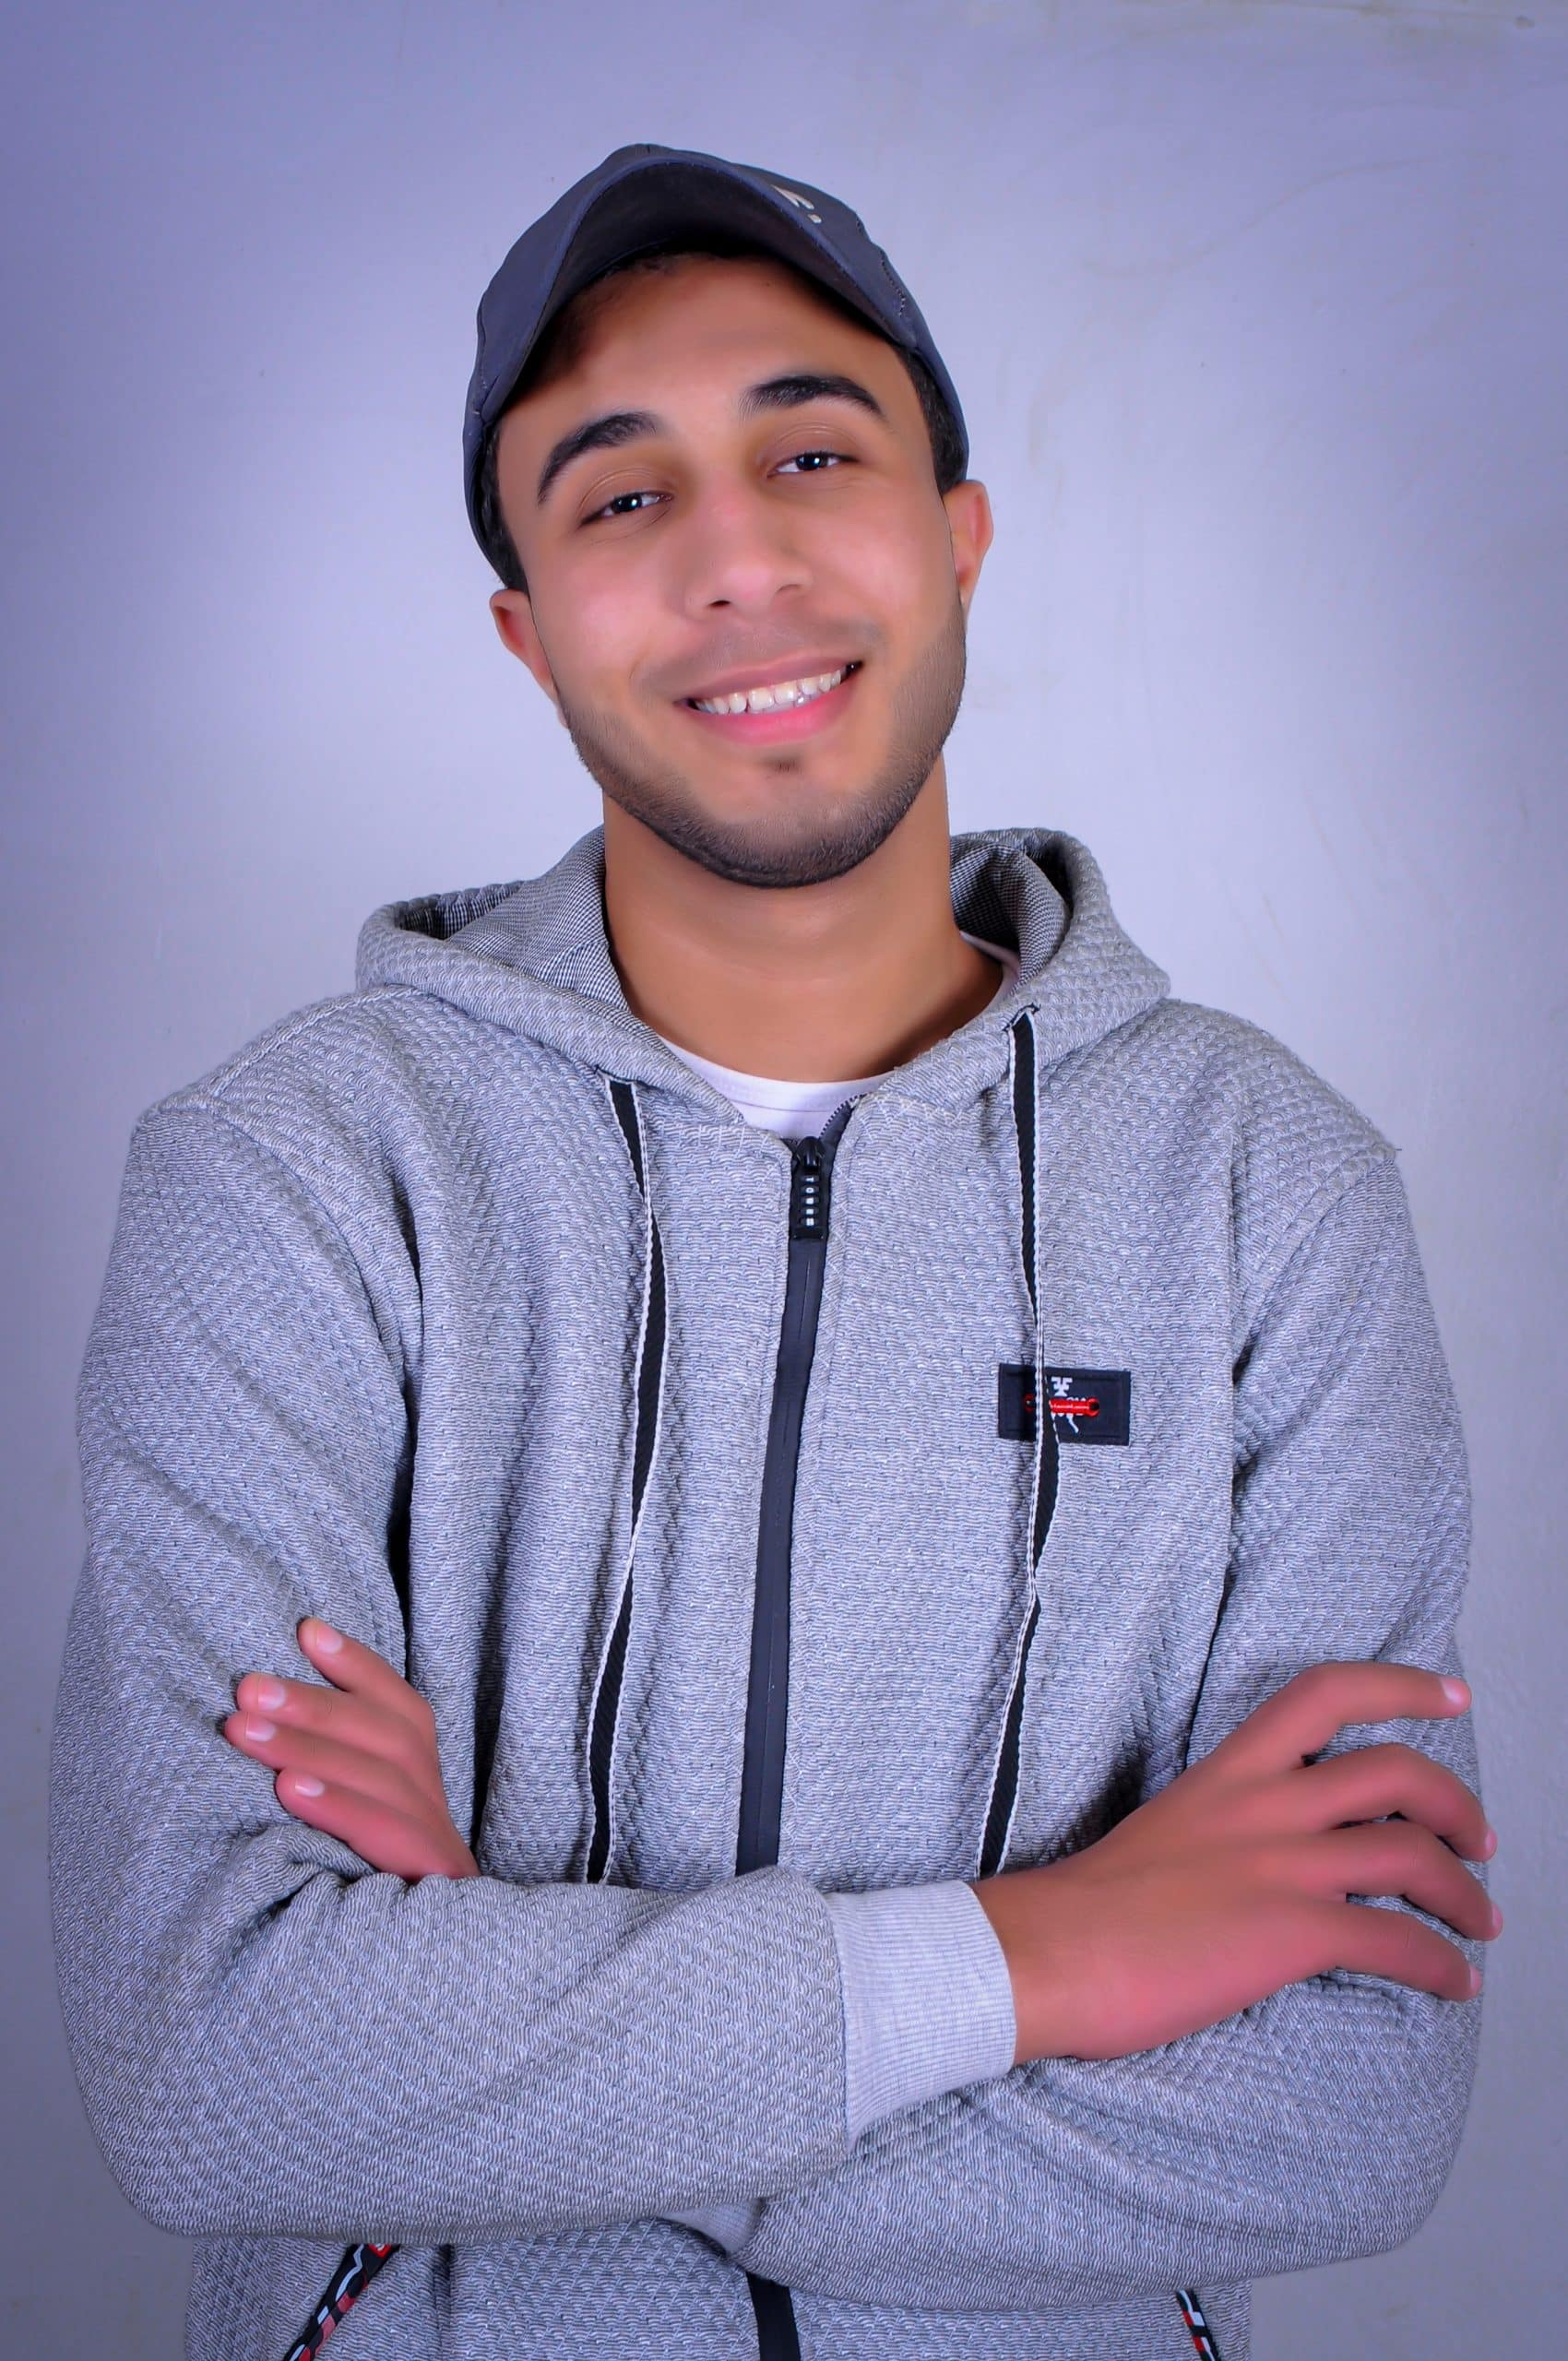 يوسف ابراهيم - Youssef Ebrahim - صورة شخصية